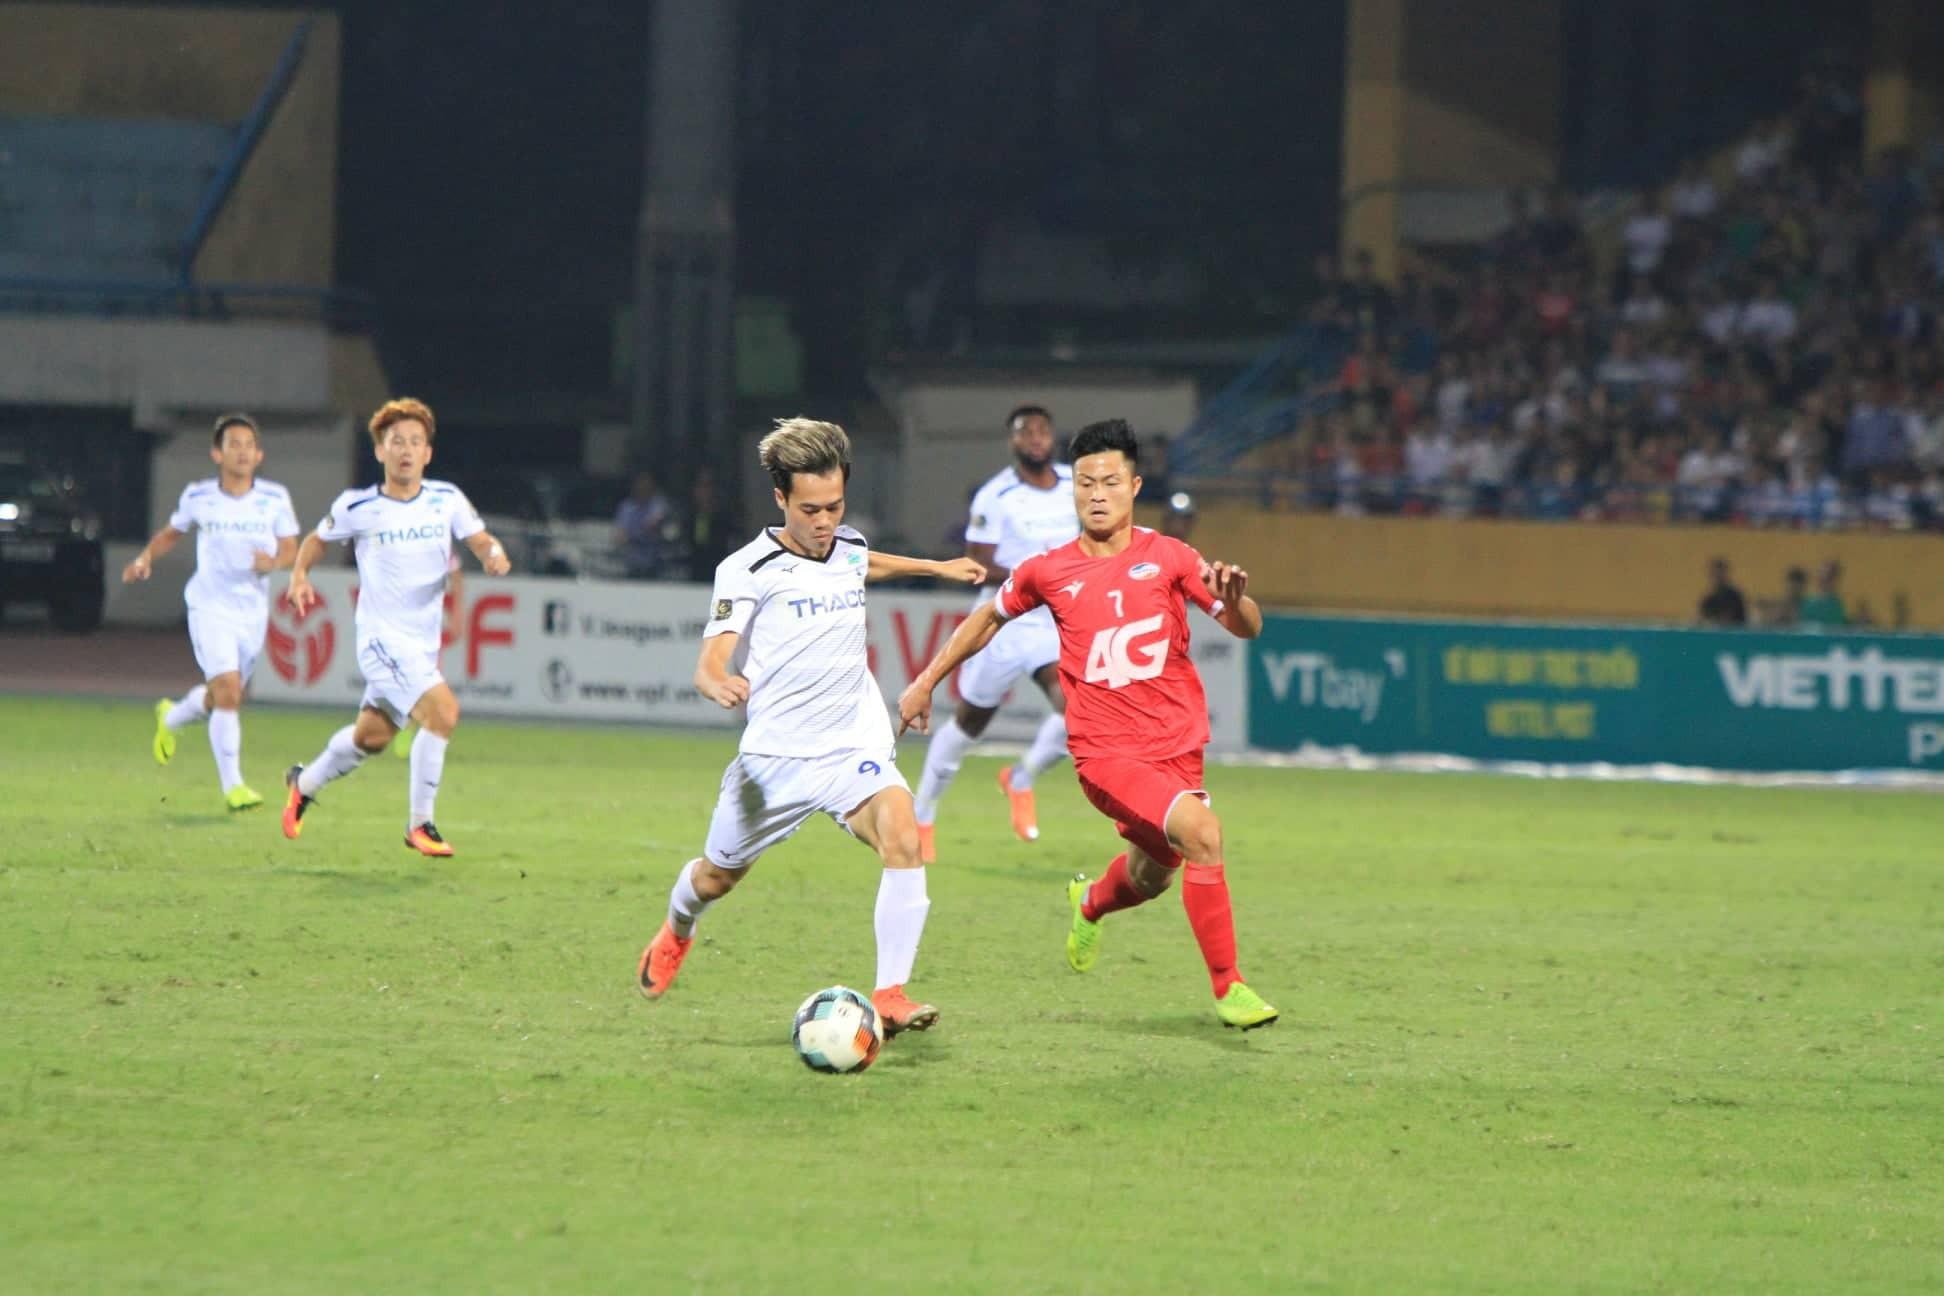 [Chùm ảnh] Văn Thanh nổ súng, HAGL đại thắng CLB Viettel trên sân khách - Ảnh 5.